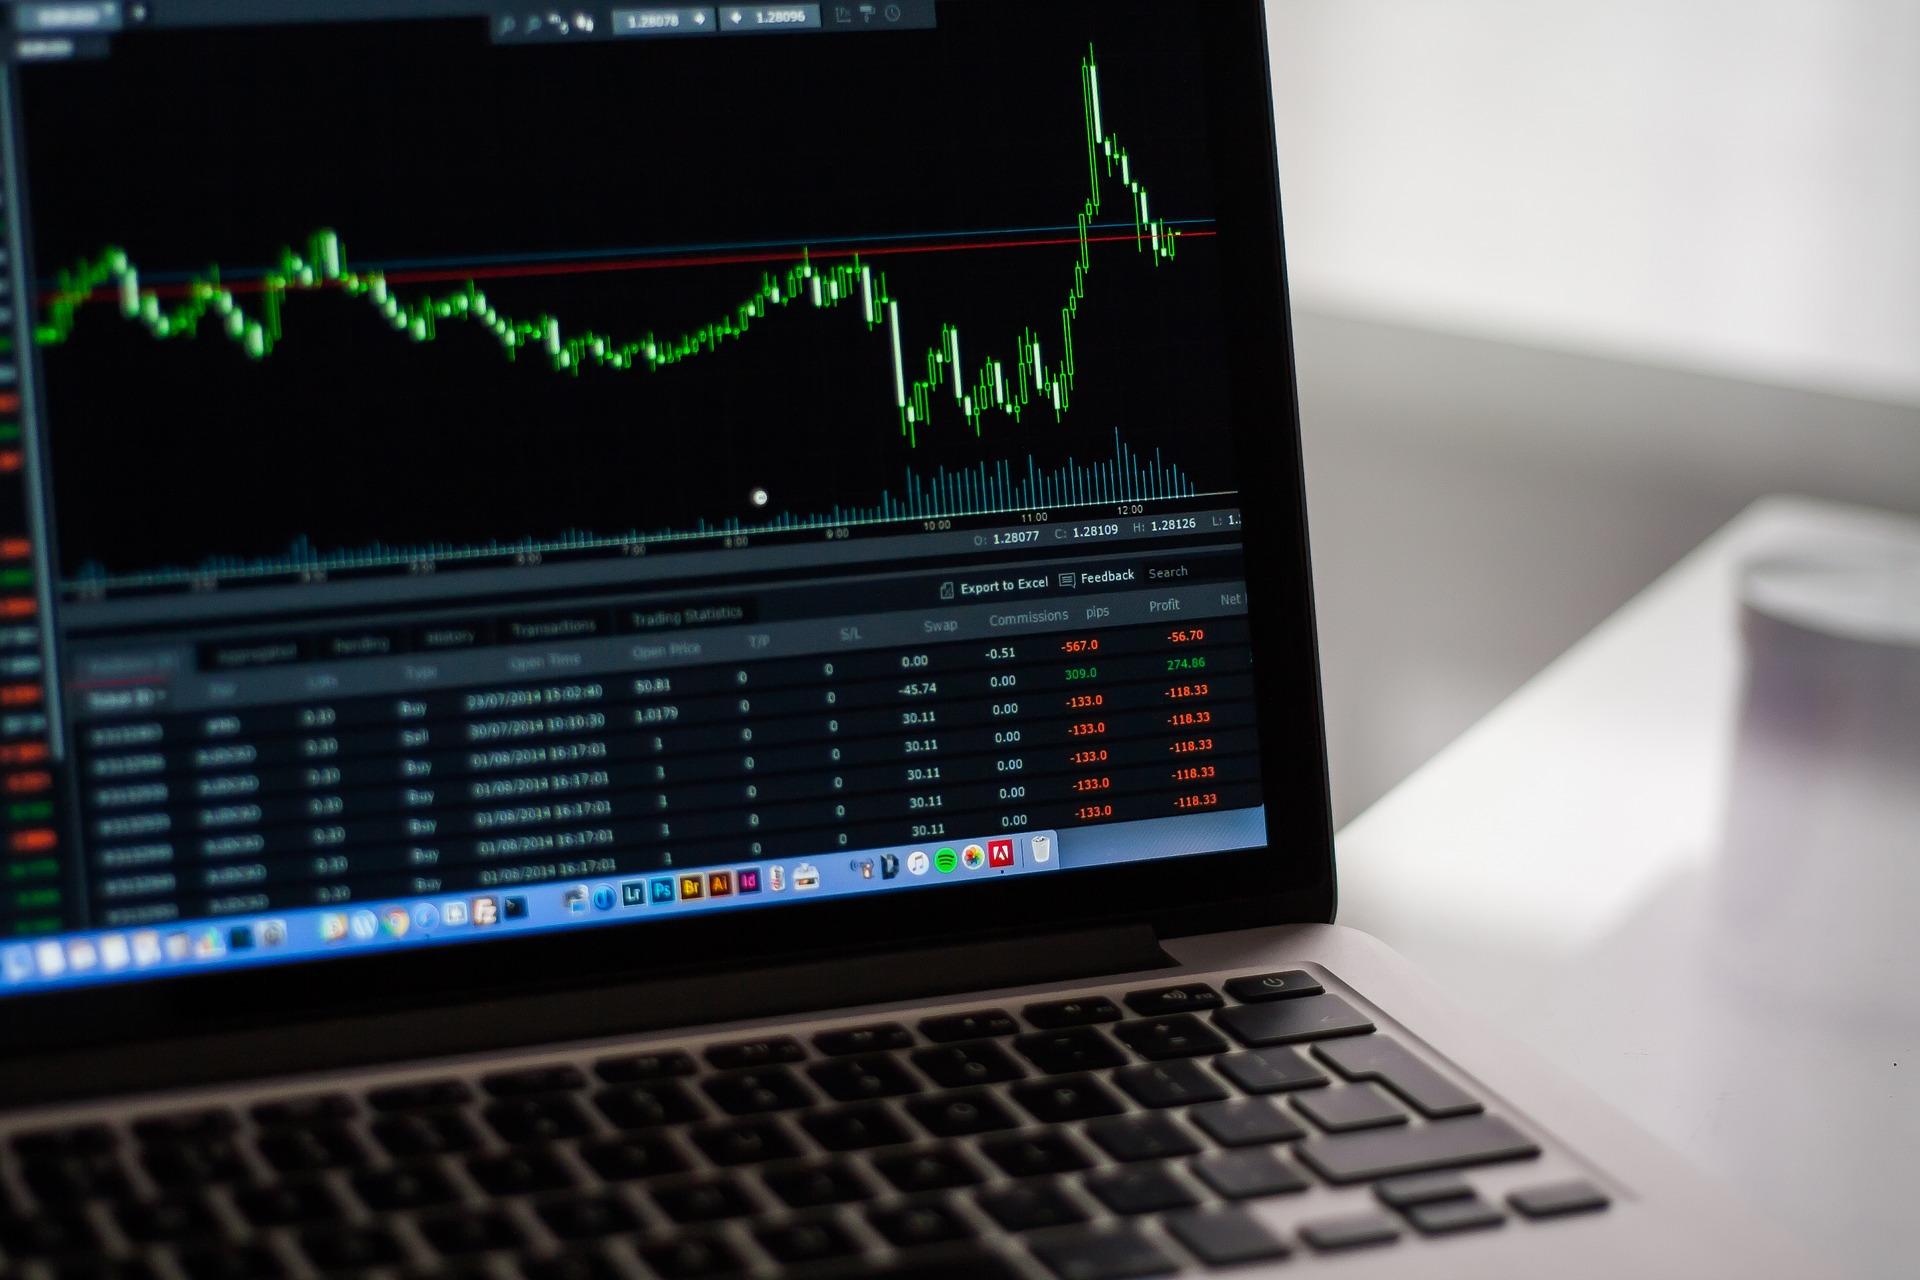 Queda no Ibovespa Futuro e dólar em alta em meio a turbulência de emergentes e adiamento das pesquisas